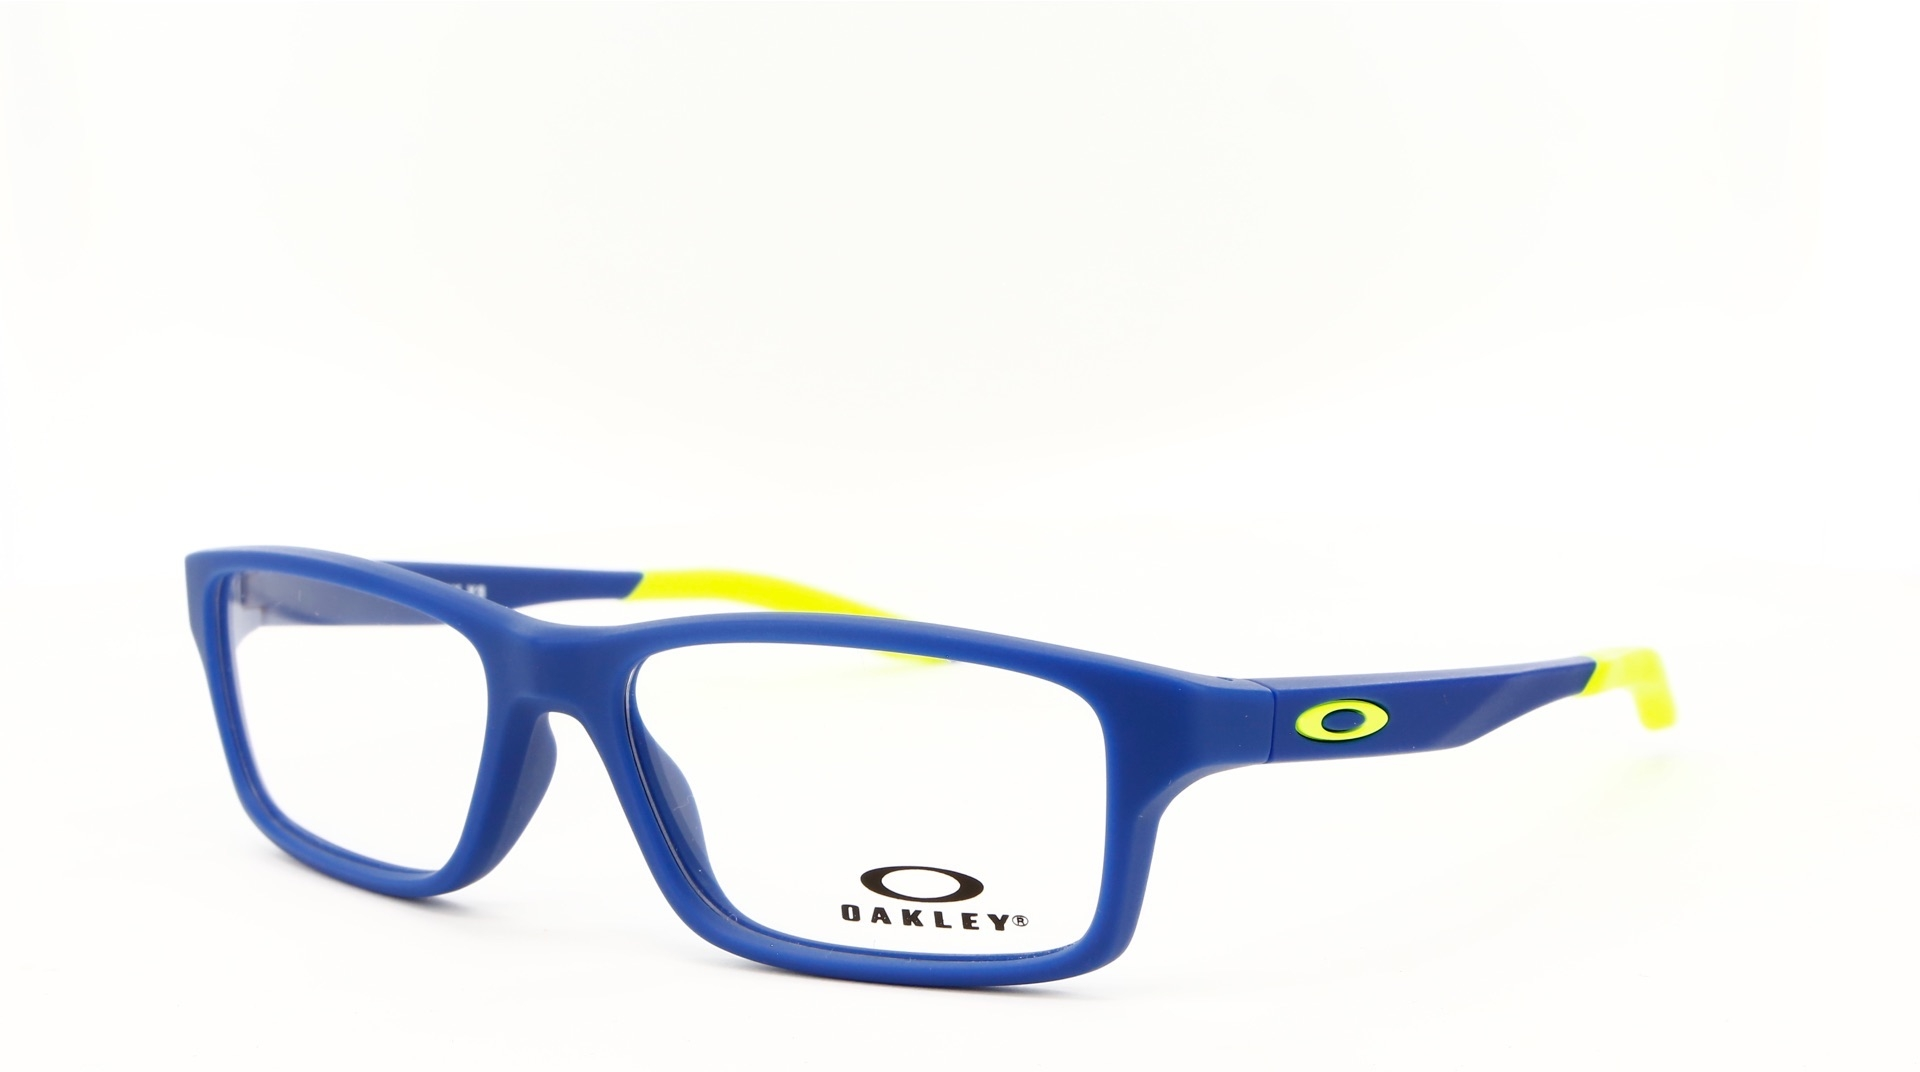 Oakley - ref: 77903